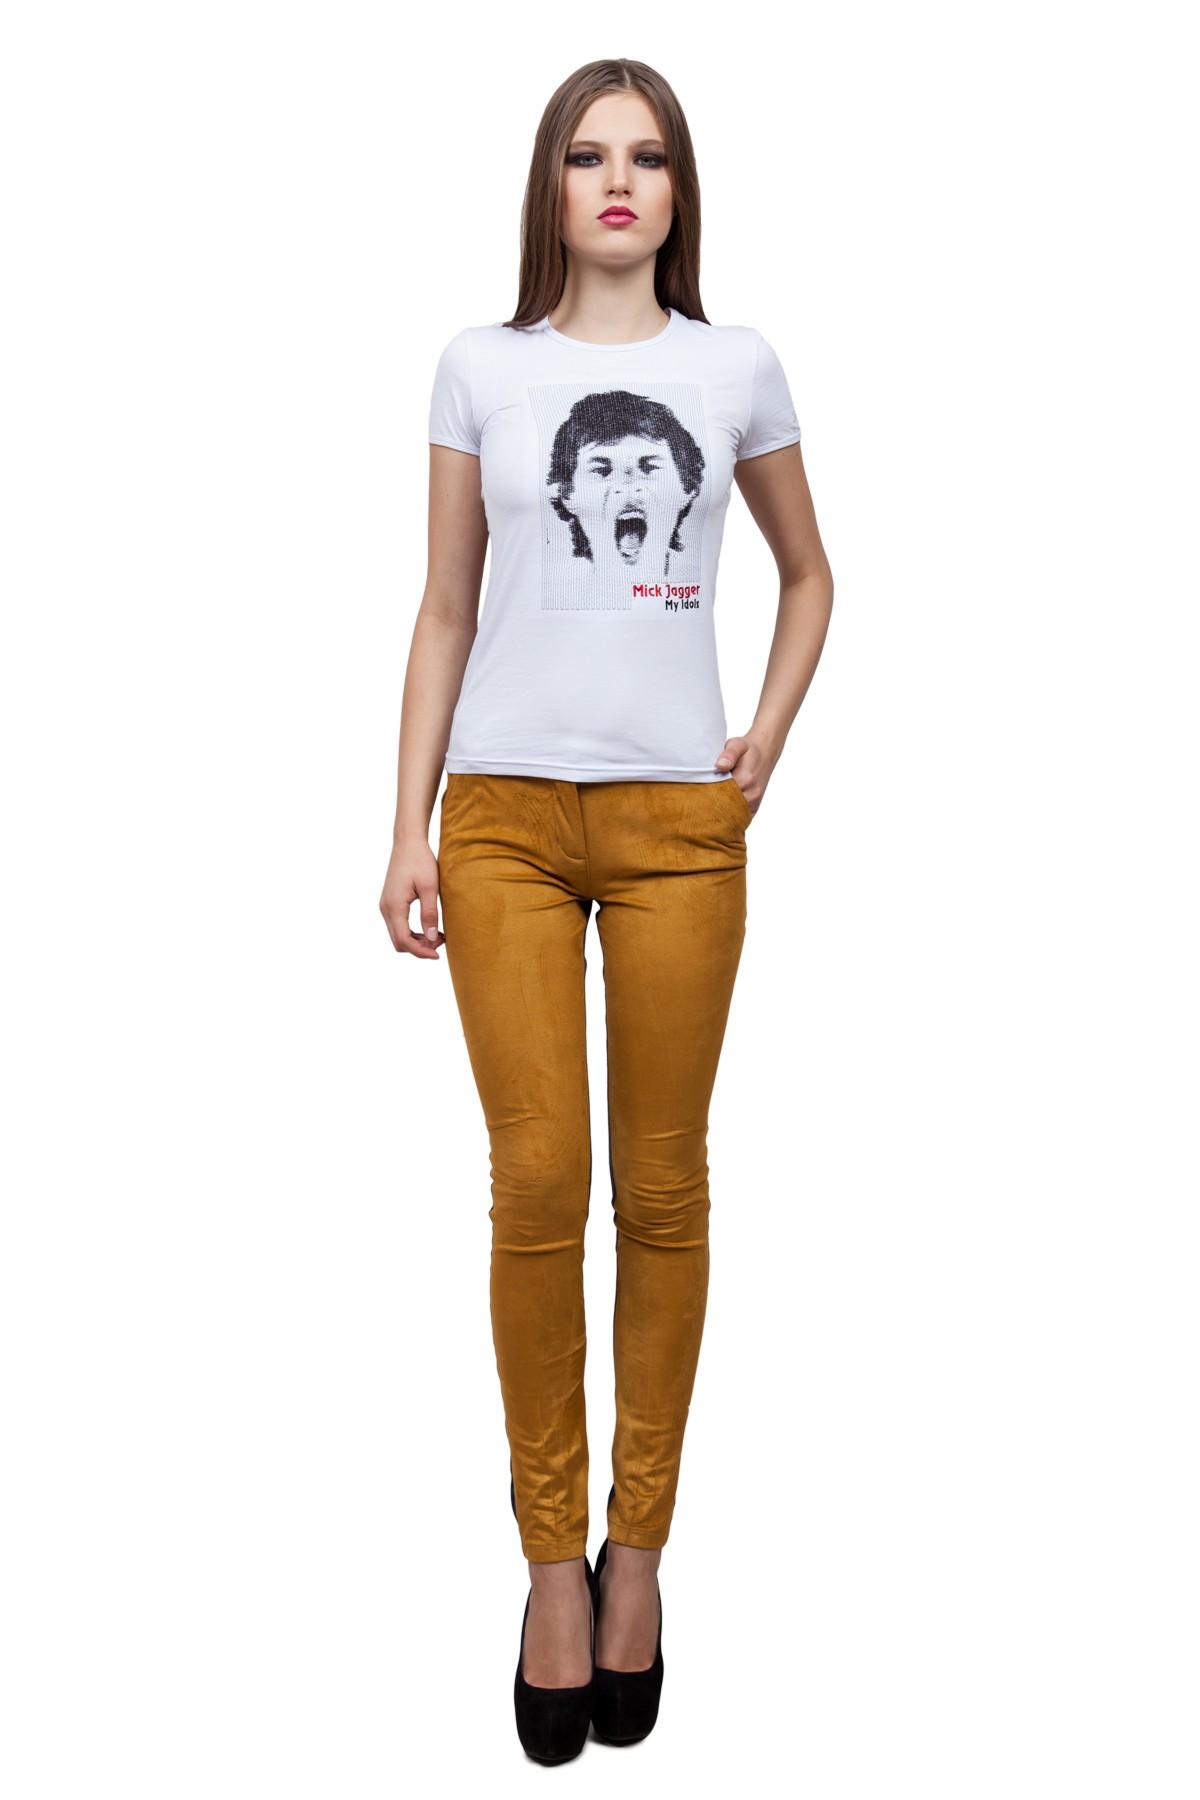 ФутболкаТрикотаж<br>Стильная футболка из высококачественного трикотажного полотна – идеальный вариант для современных девушек. Модель облегающего комфортного кроя, с округлым вырезом горловины и короткими рукавами. Декорированная на груди оригинальной вышивкой контрастного ц<br><br>Цвет: белый<br>Состав: 92% хлопок 8% лайкра<br>Размер: 40,42,44,46,48,50,52,54,56,58,60<br>Страна дизайна: Россия<br>Страна производства: Россия